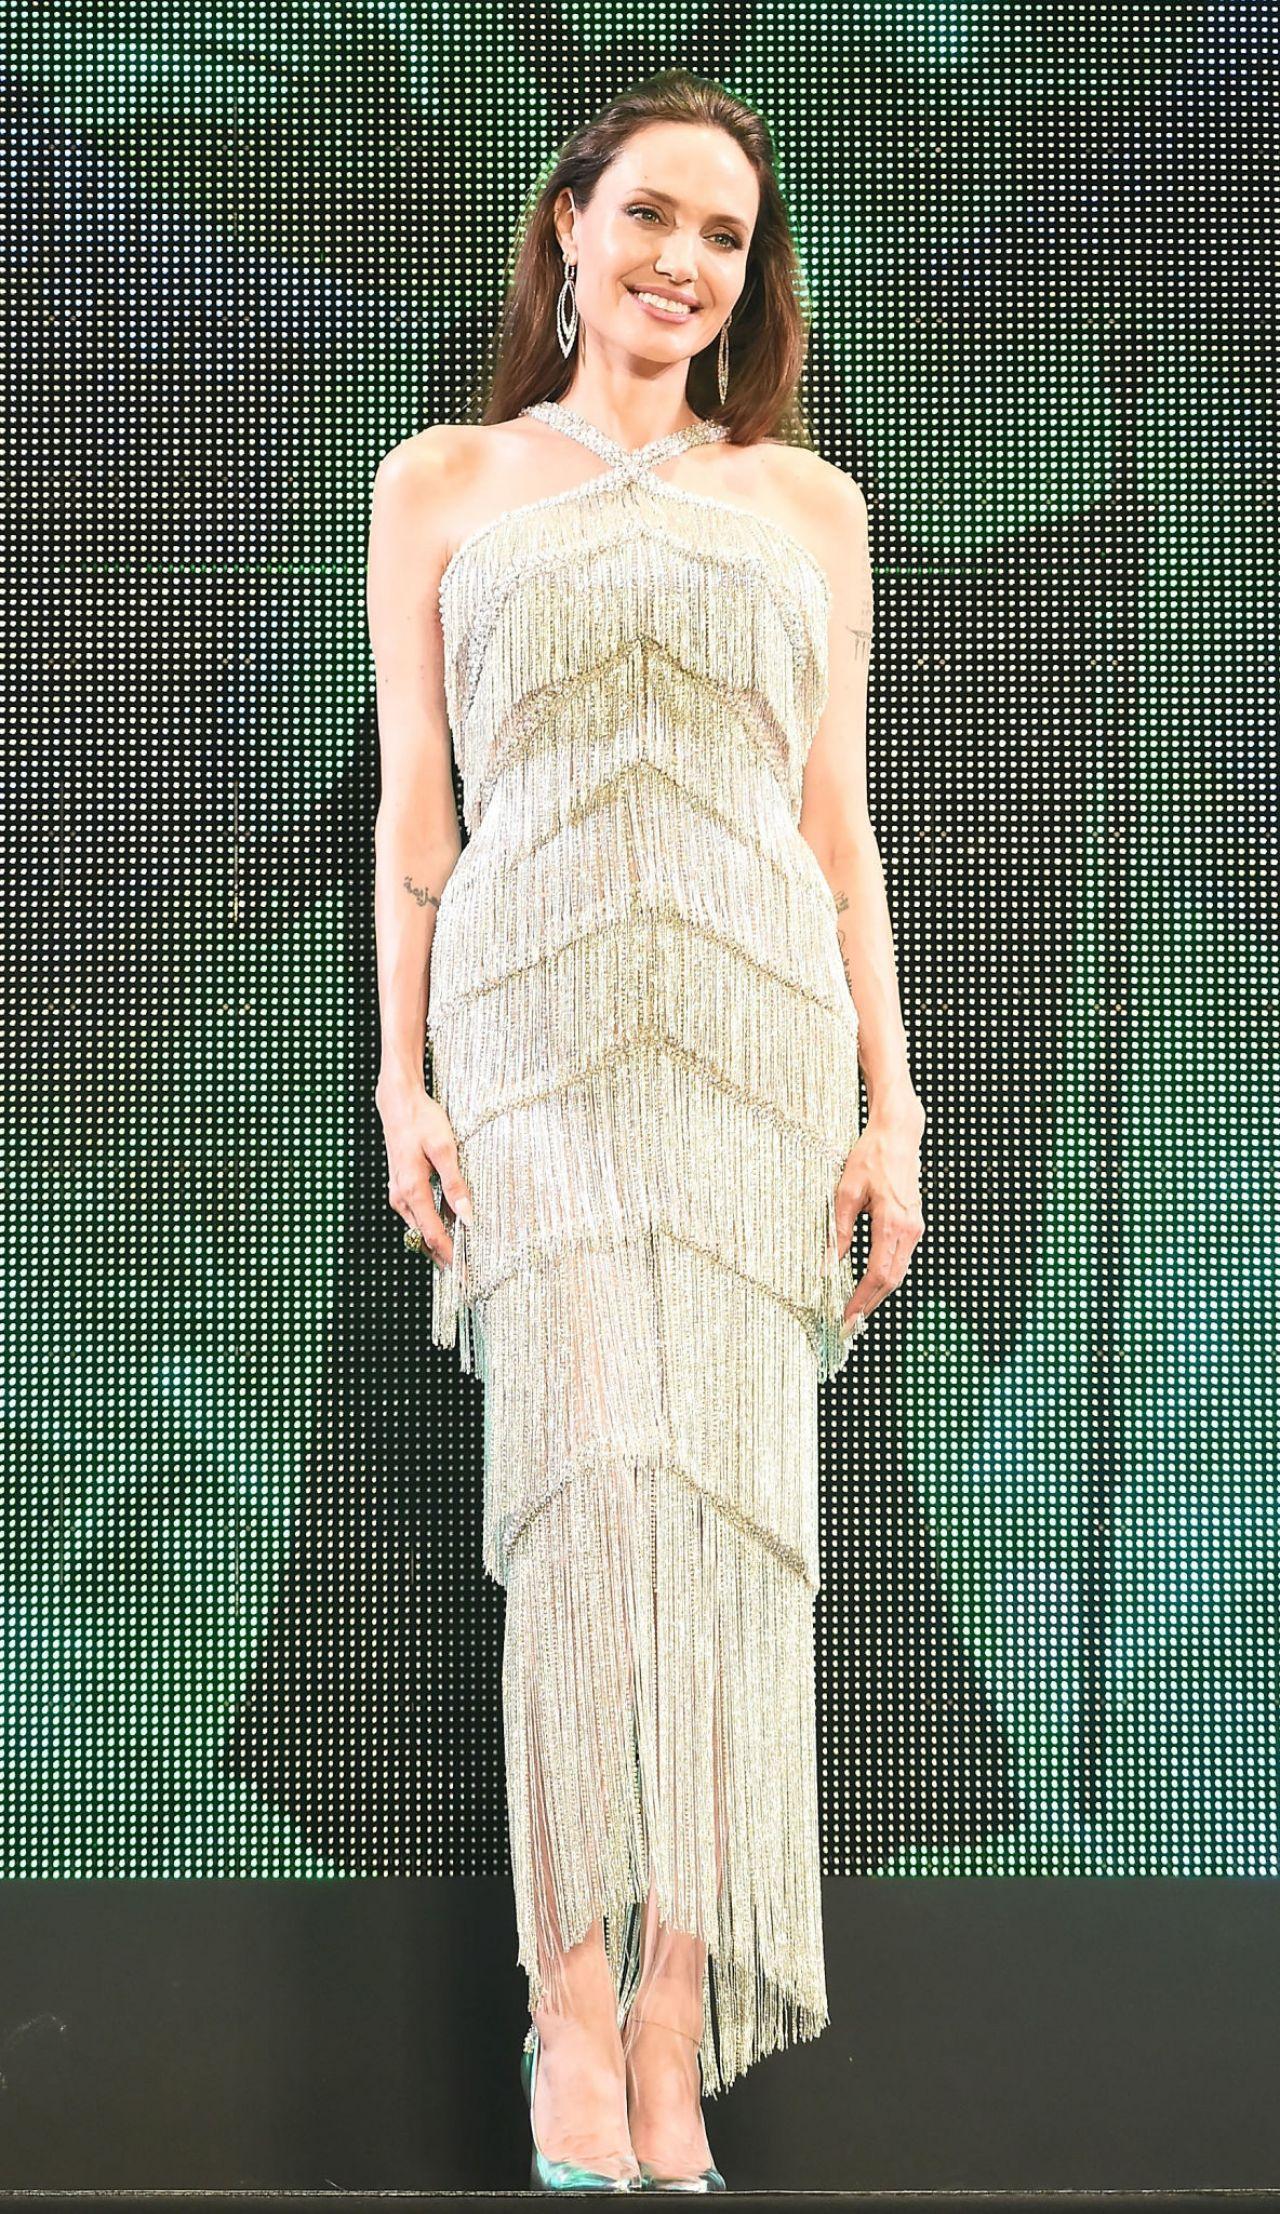 Angelina Jolie Quot Maleficent Mistress Of Evil Quot Premiere